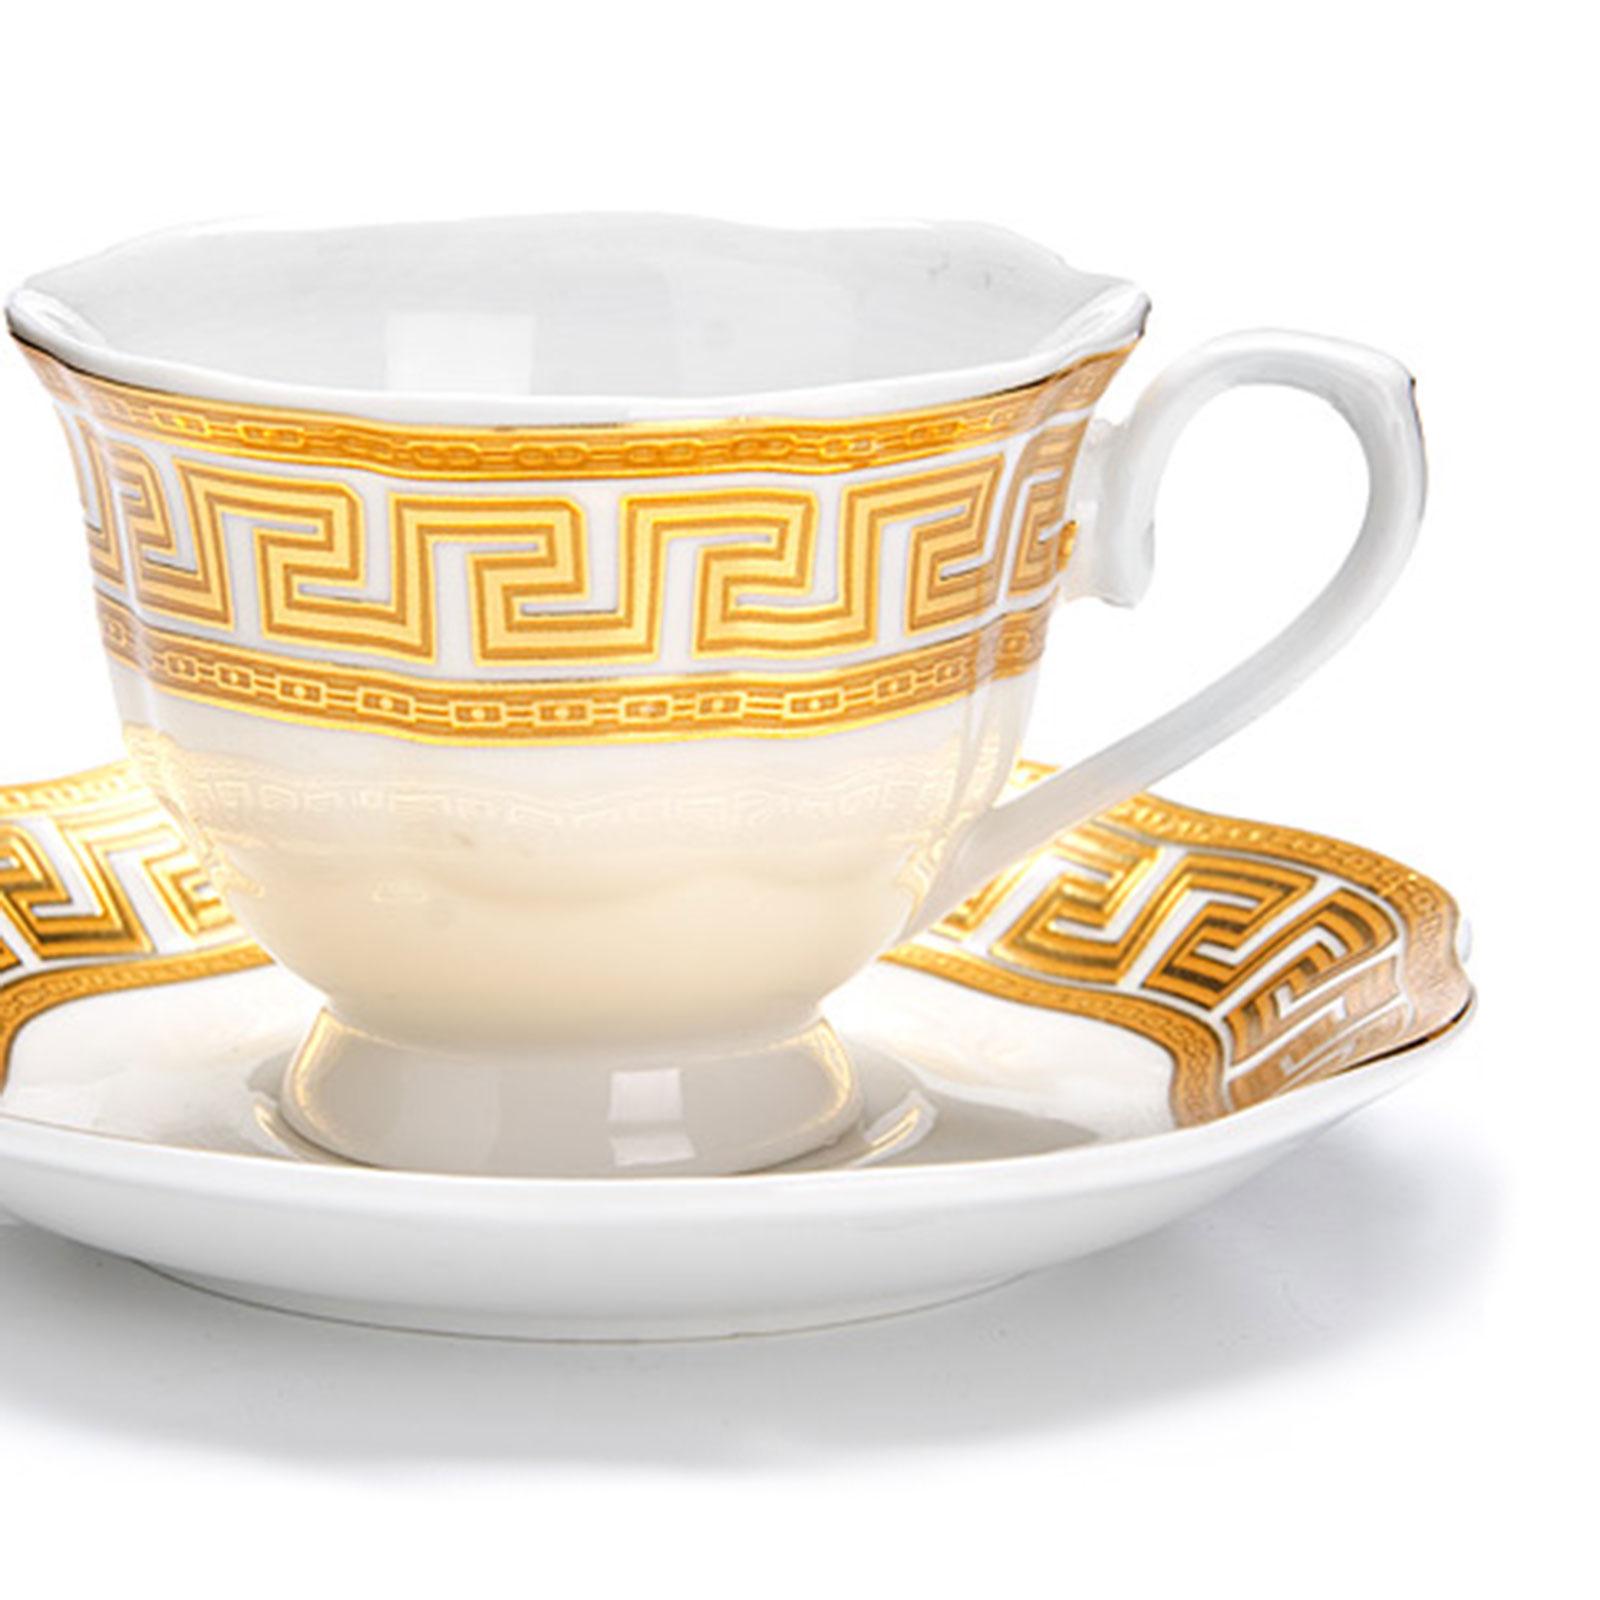 Кофейный фарфоровый сервиз с золотым орнаментом,12 предметов